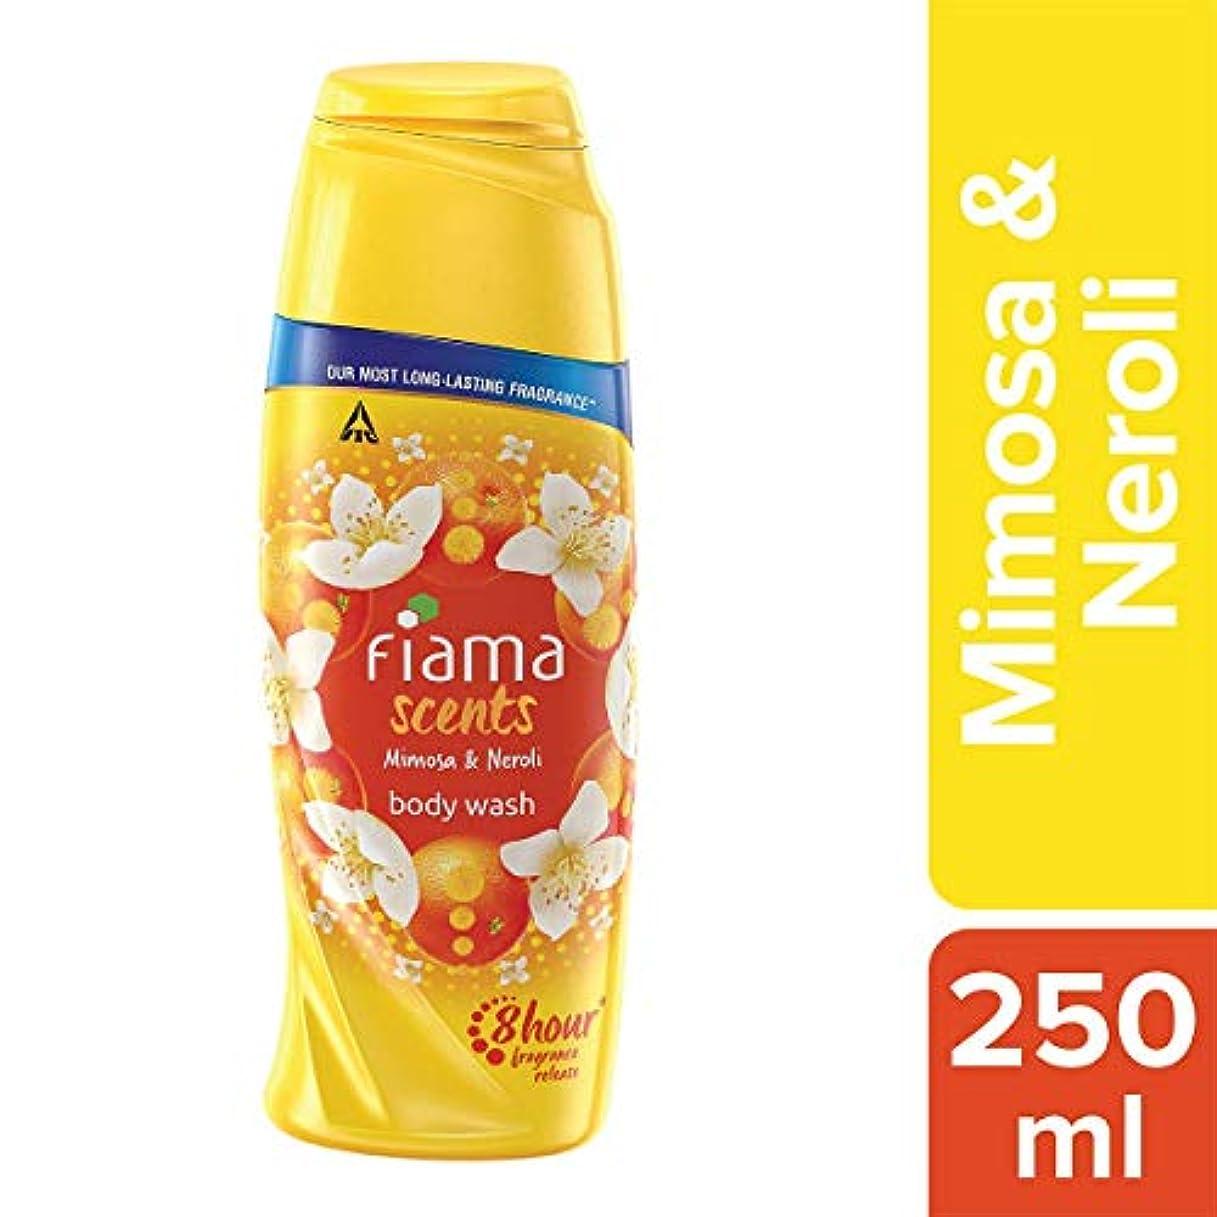 ぬいぐるみエアコン保証金Fiama Scents Mimosa and Neroli Body Wash, 250 ml